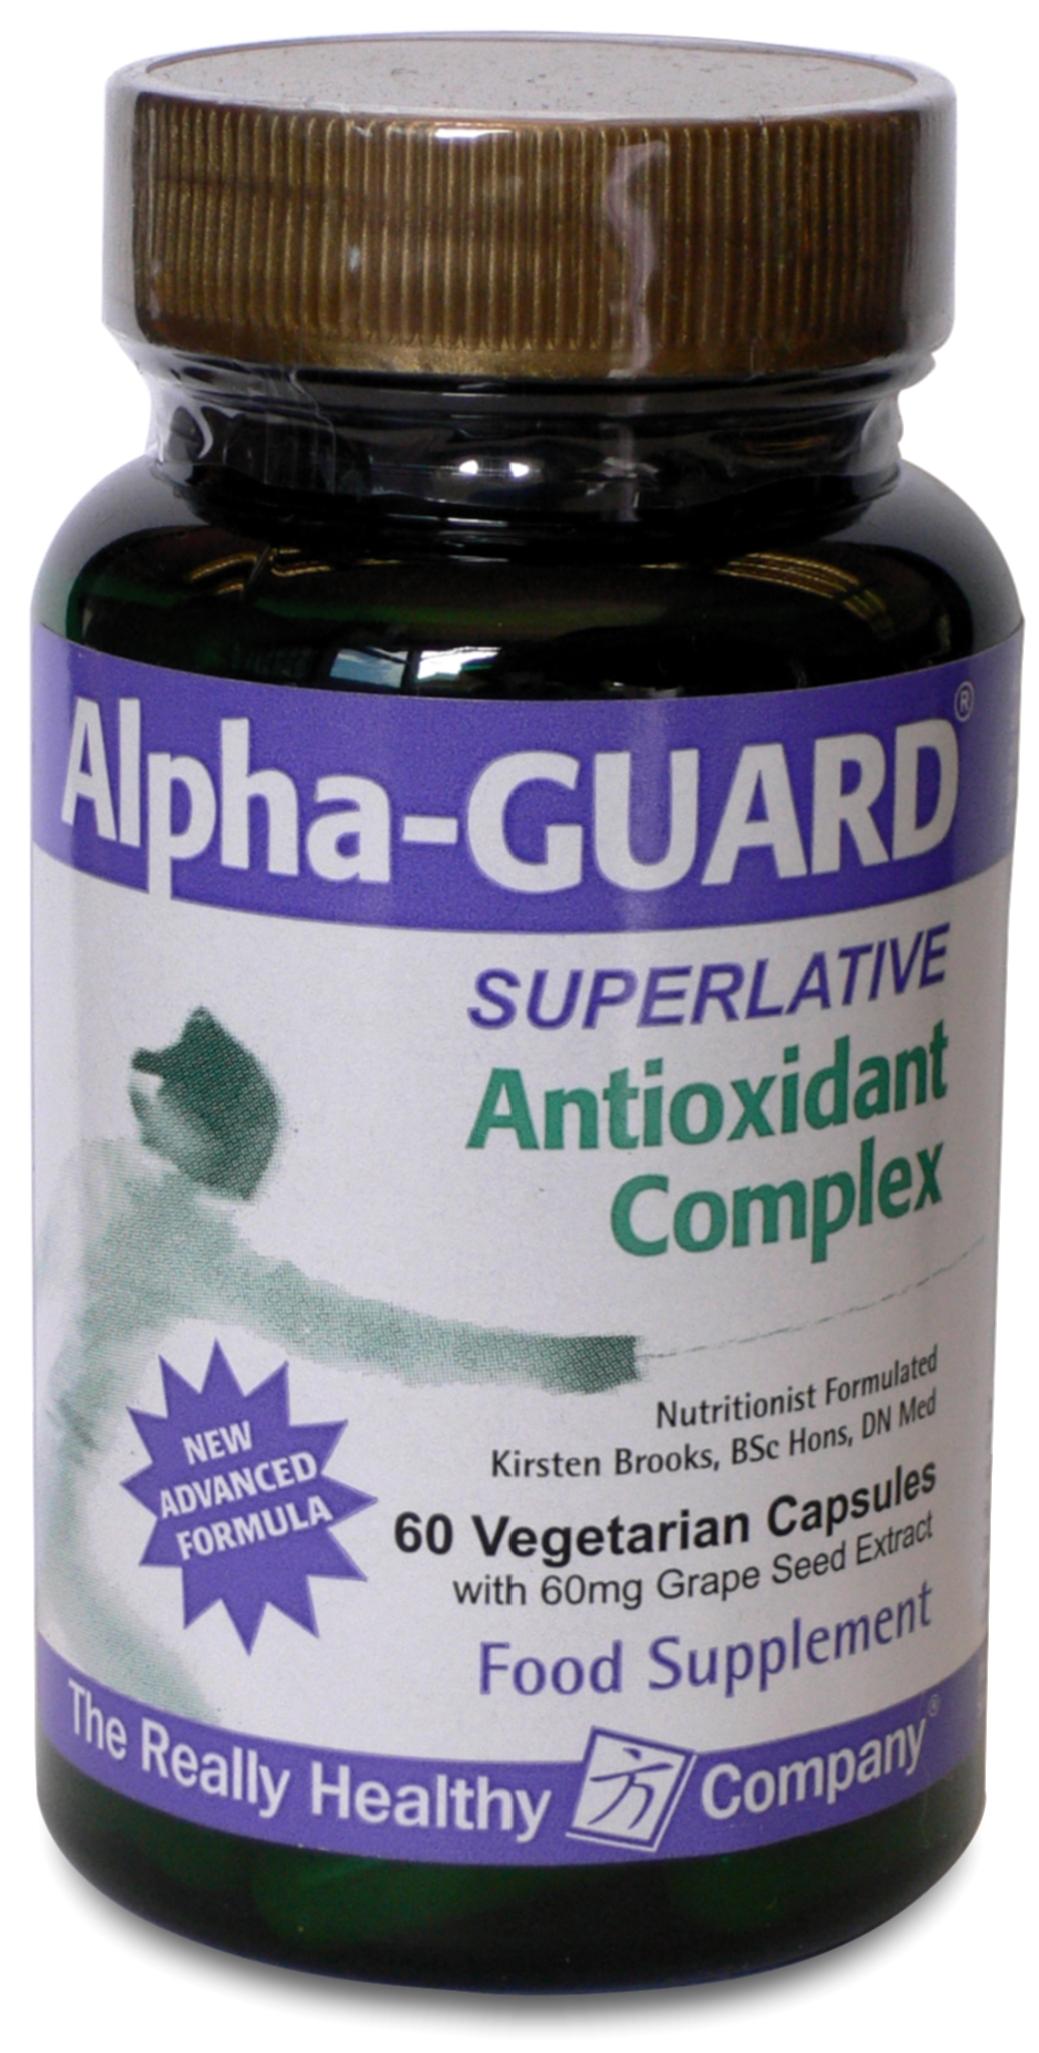 Alpha-Guard Antioxidant Complex 60's